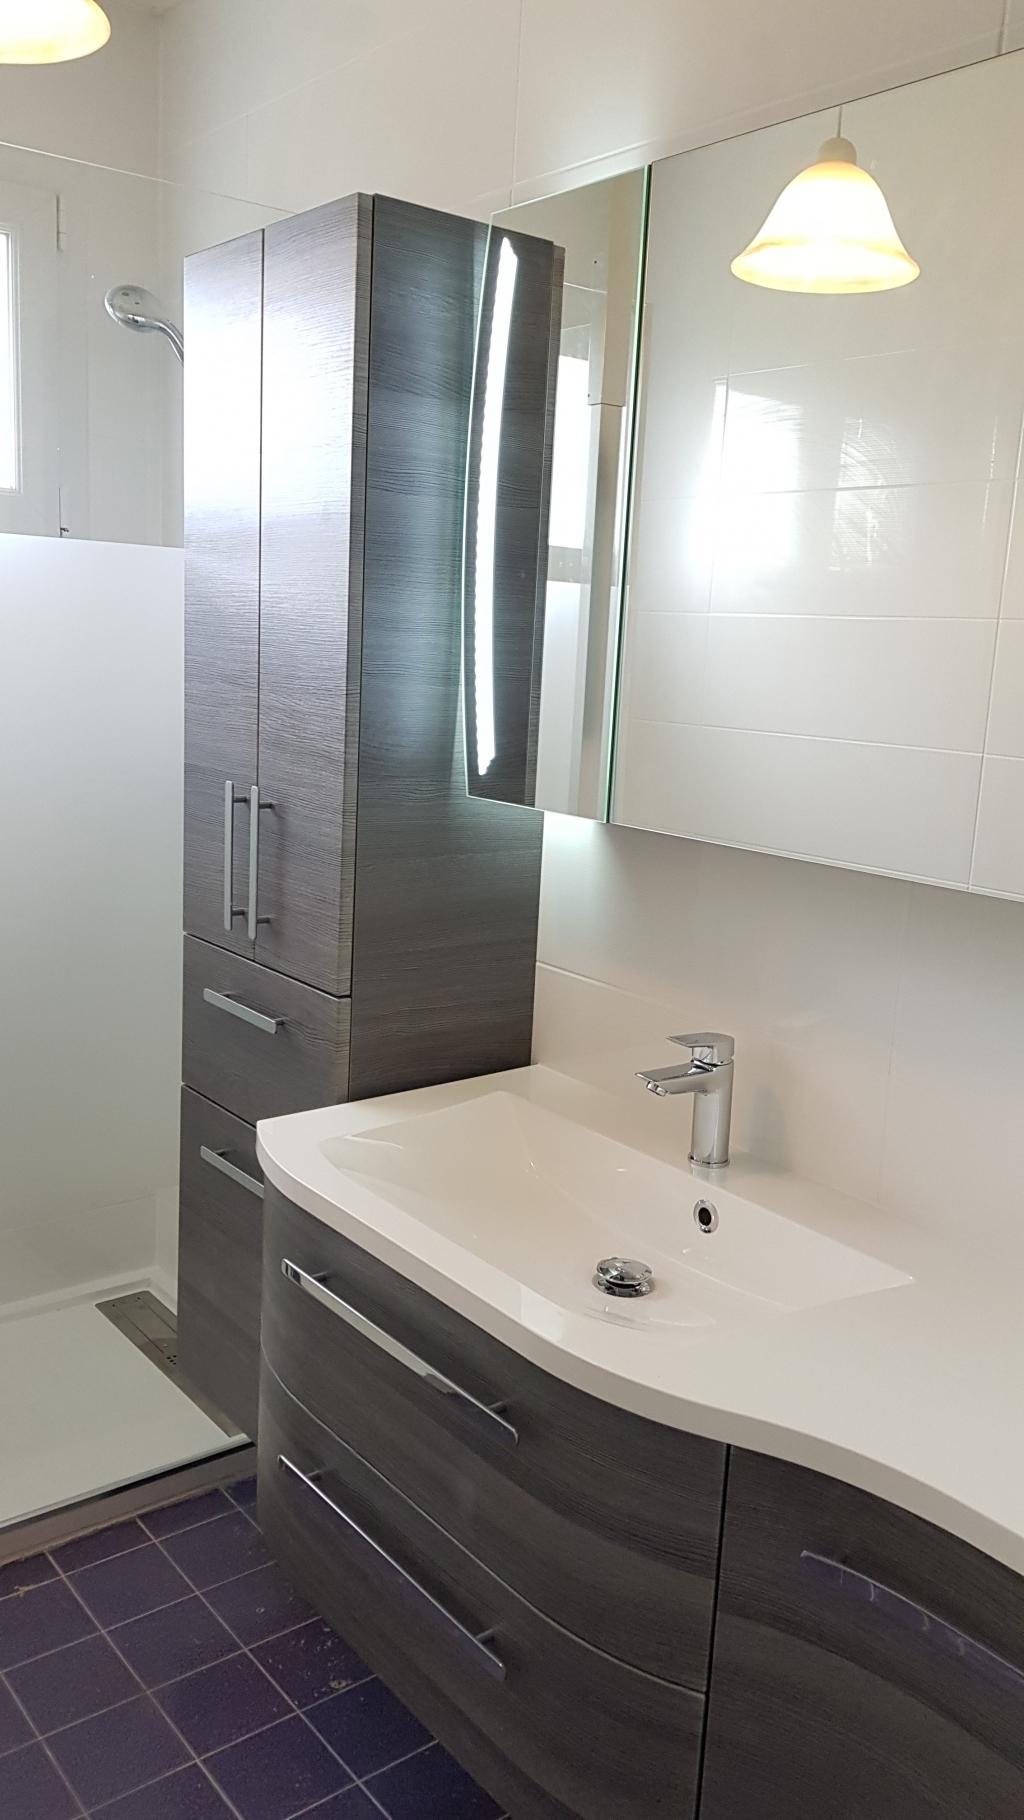 Changement de la salle de bain par une salle d\'eau complète de A à Z ...